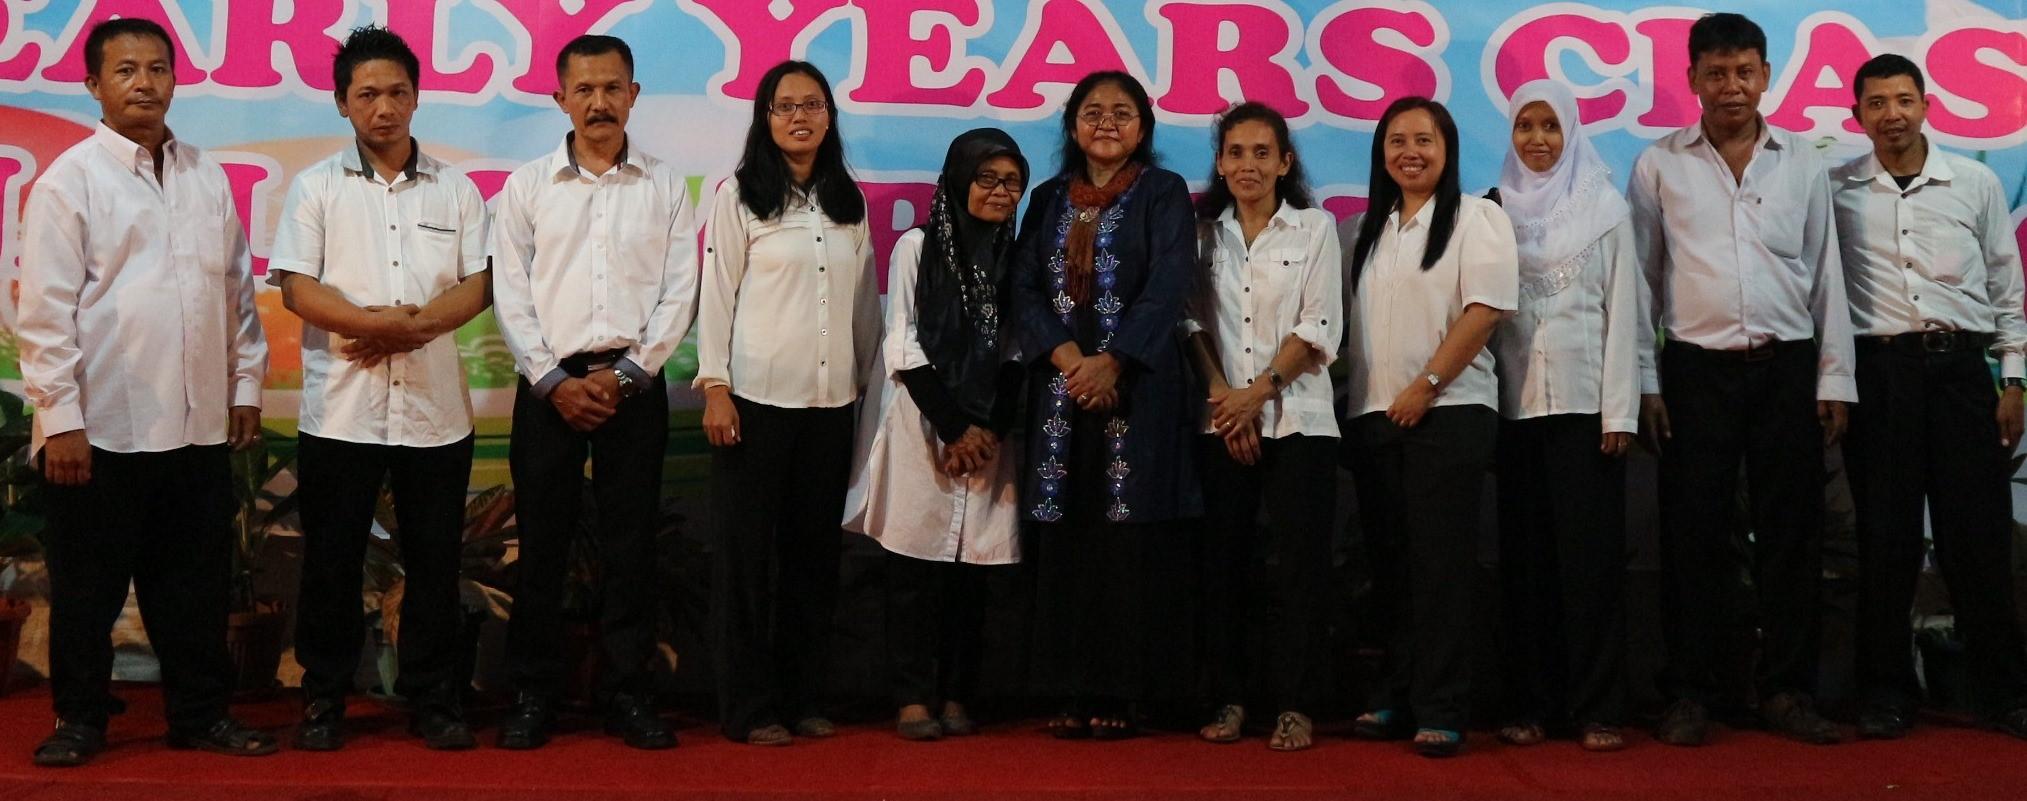 principal and staff 2016-17